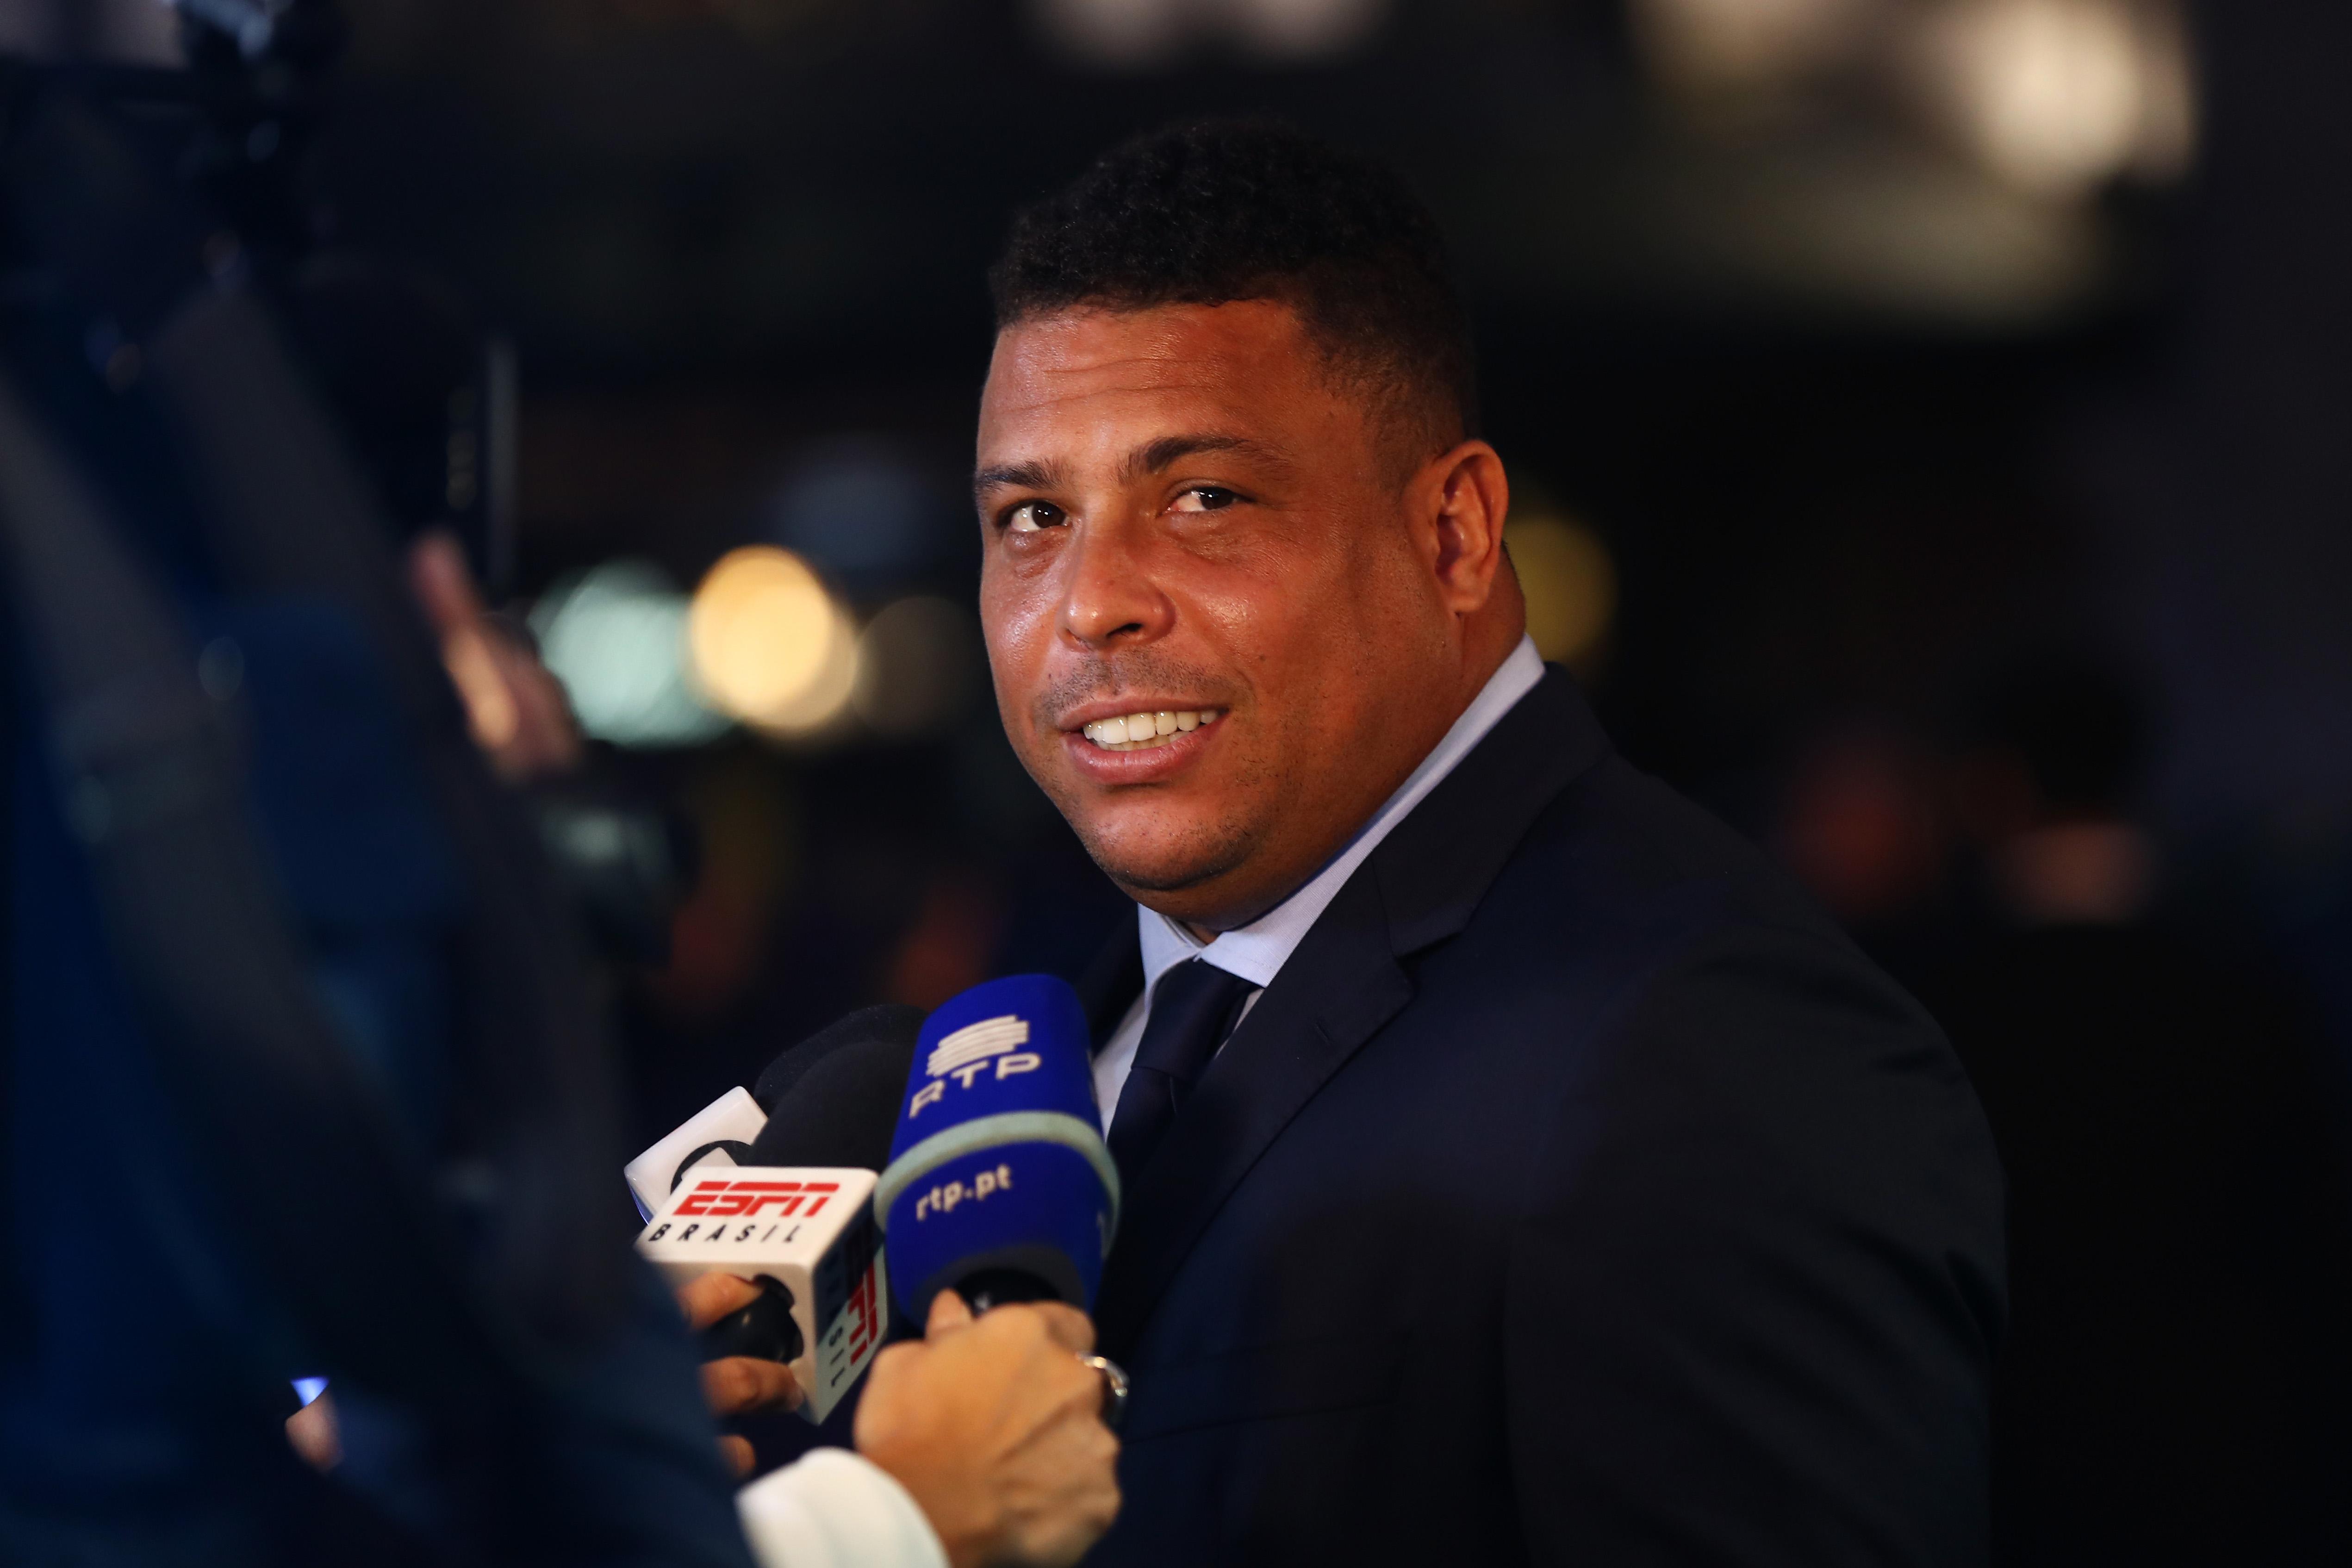 Ronaldo Nazario, futbolista, astro brasileño, el fenómeno, escondía cerveza, latas, guaraná, declaró, periódico, Brasil